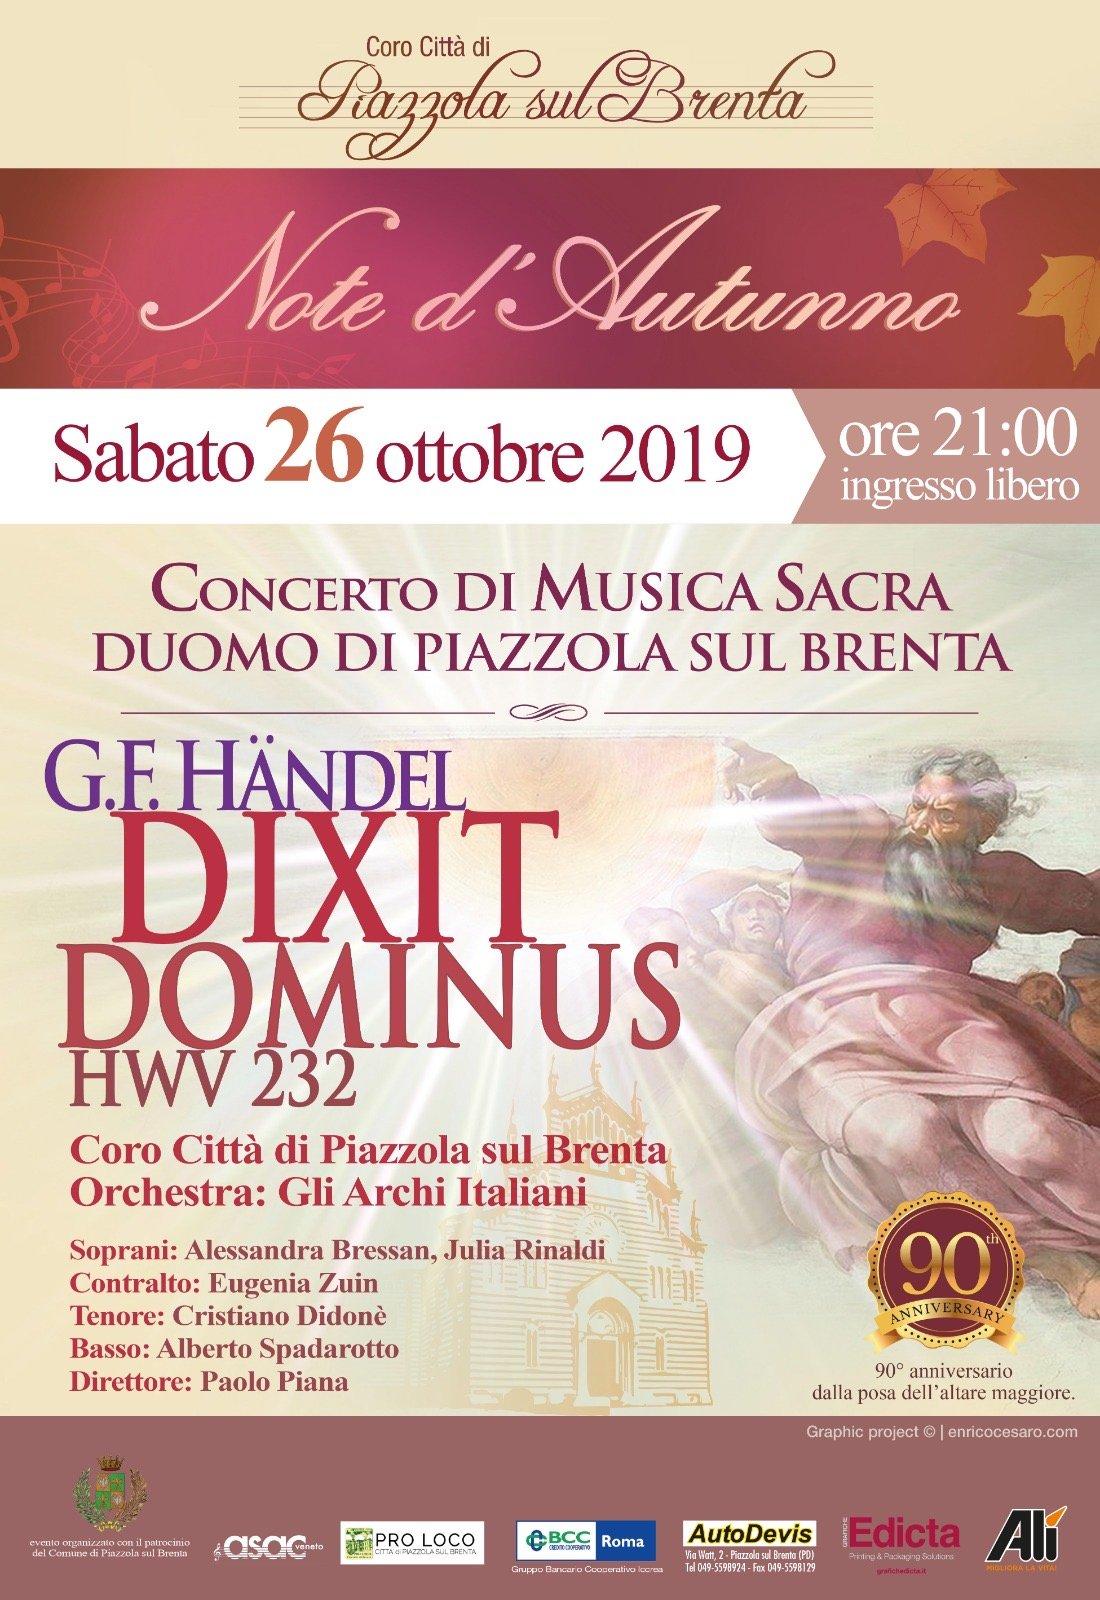 Dixit Dominus HWV 232 di G. F. Händel